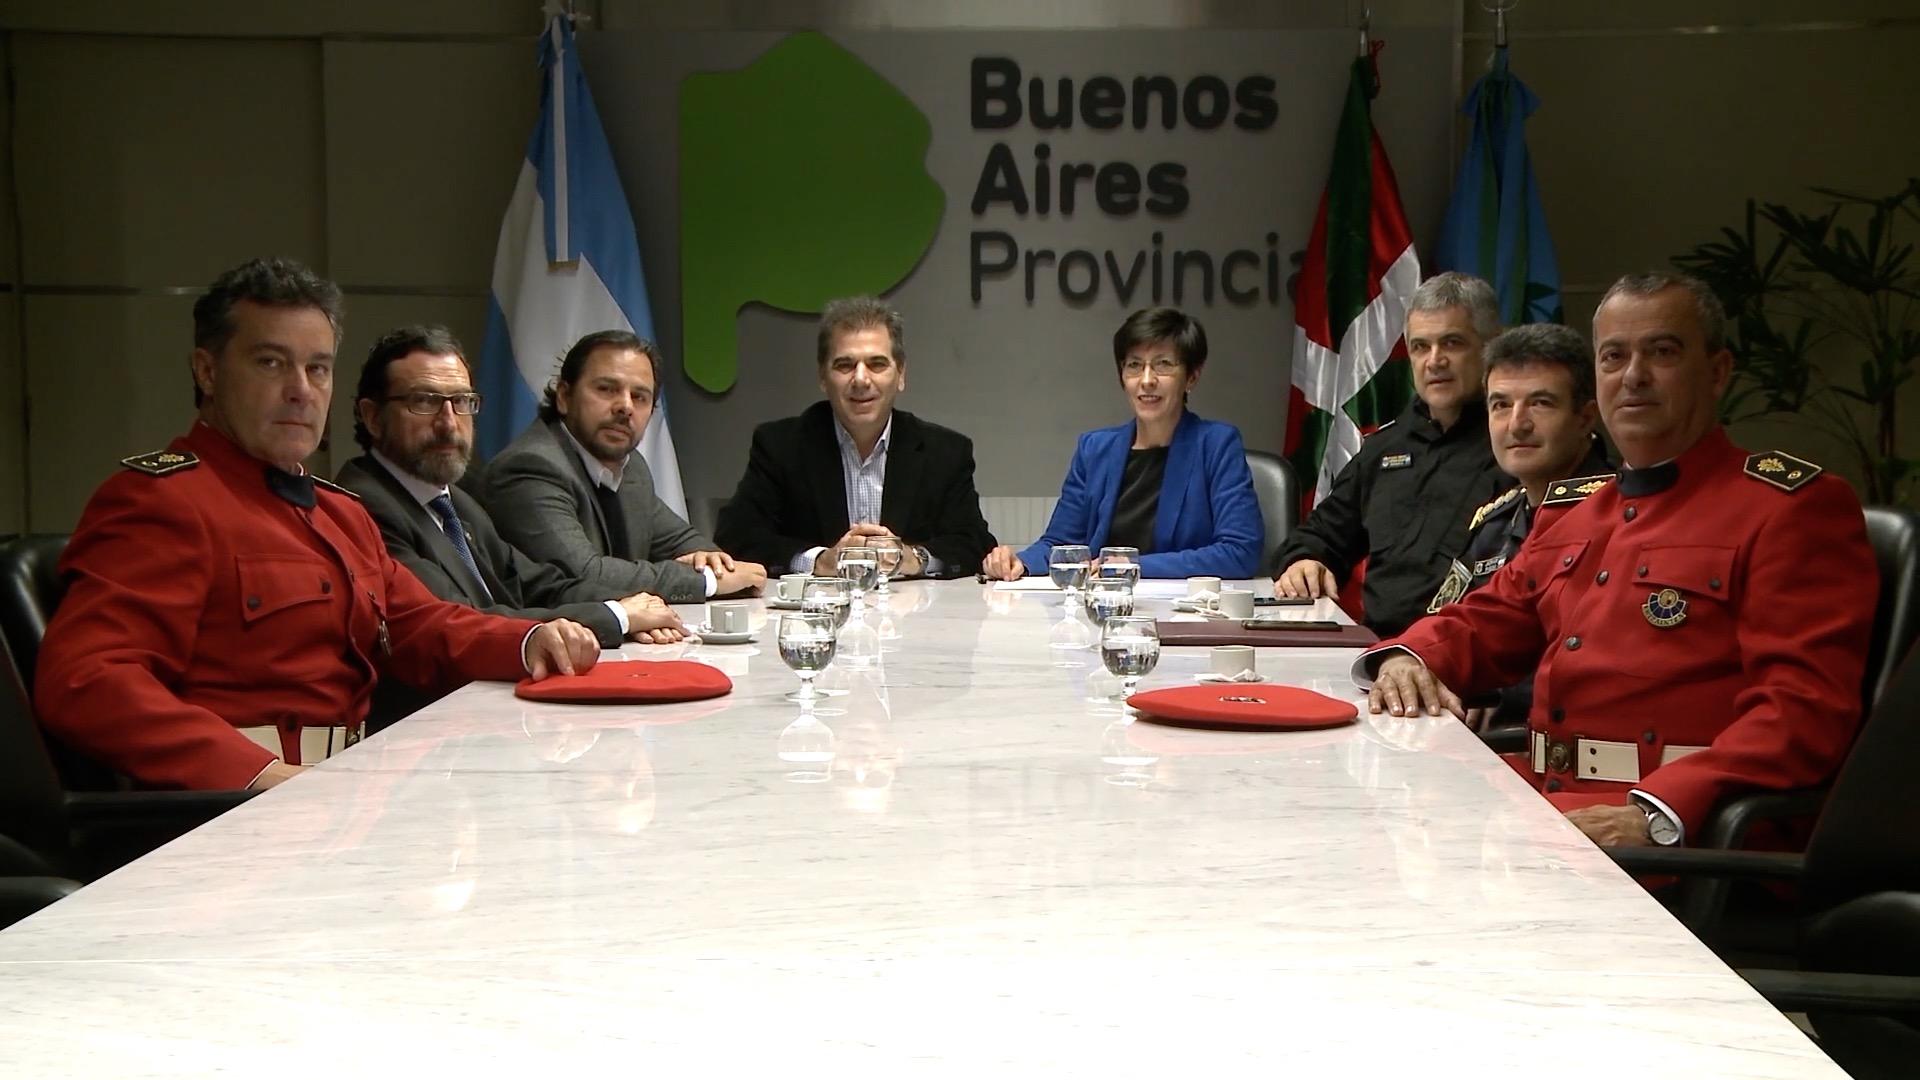 La Consejera de Seguridad y el Ministro de Seguridad de la Provincia de Buenos Aires firman un acuerdo para intensificar la colaboración policial